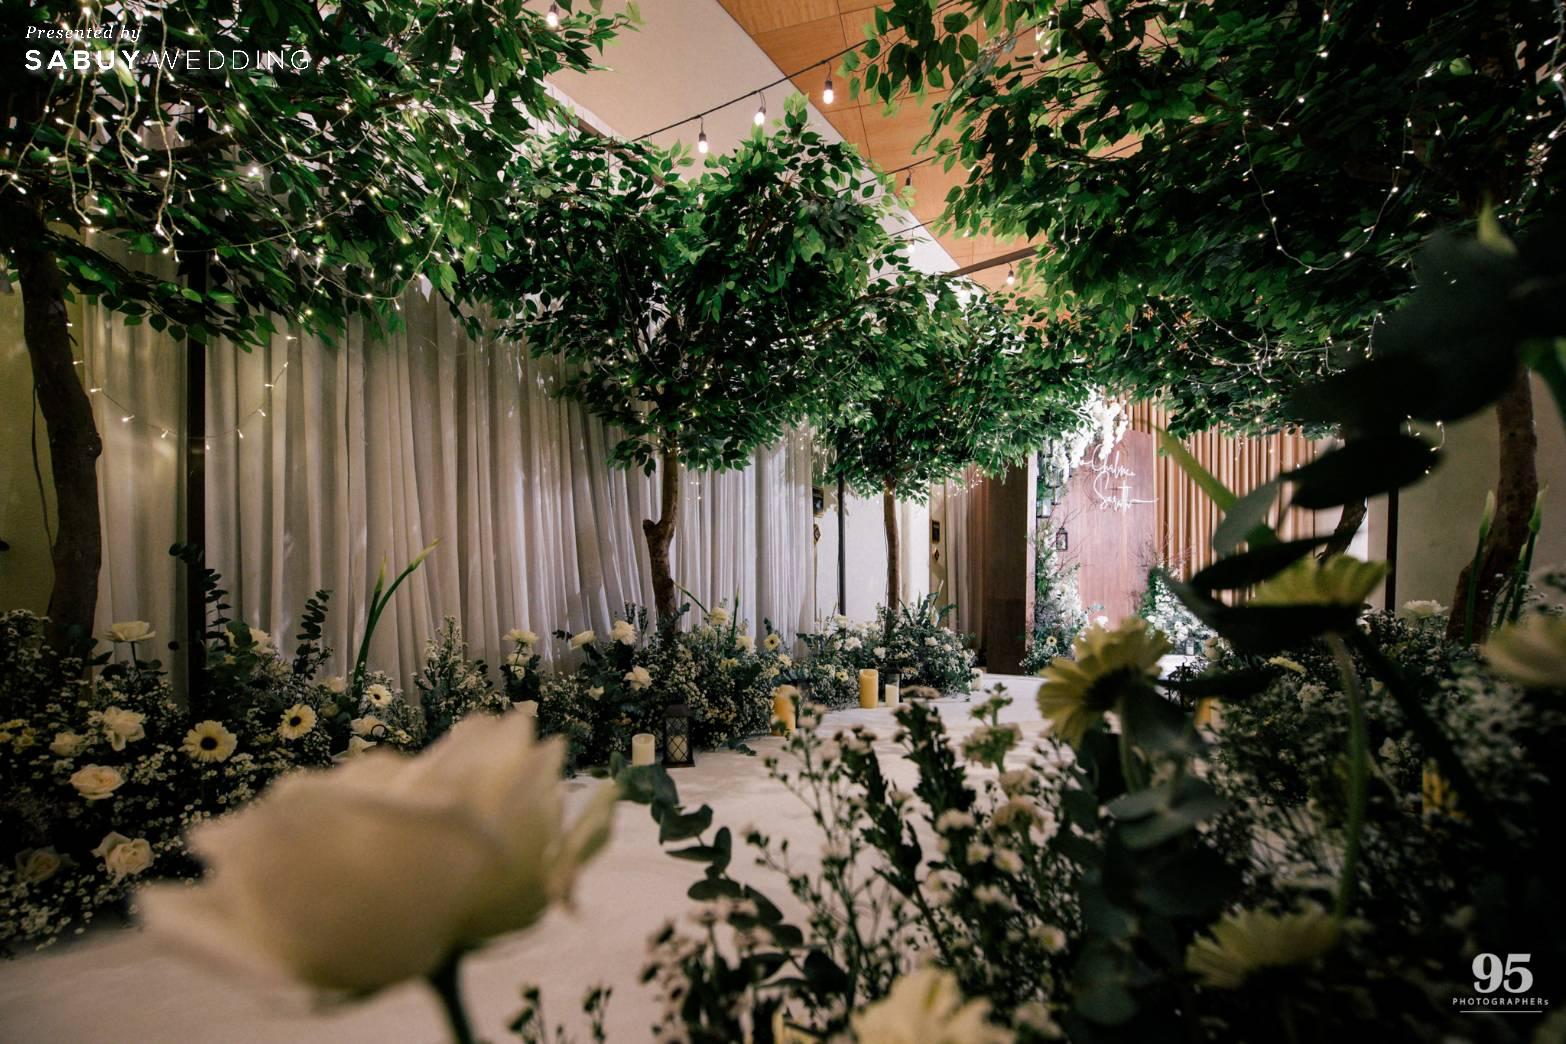 ตกแต่งงานแต่งงาน,ออแกไนเซอร์,เวดดิ้งแพลนเนอร์ รีวิวงานแต่งธีมสวนเรียบโก้ สไตล์ Elegant greenery garden @ Sheraton Grande Sukhumvit